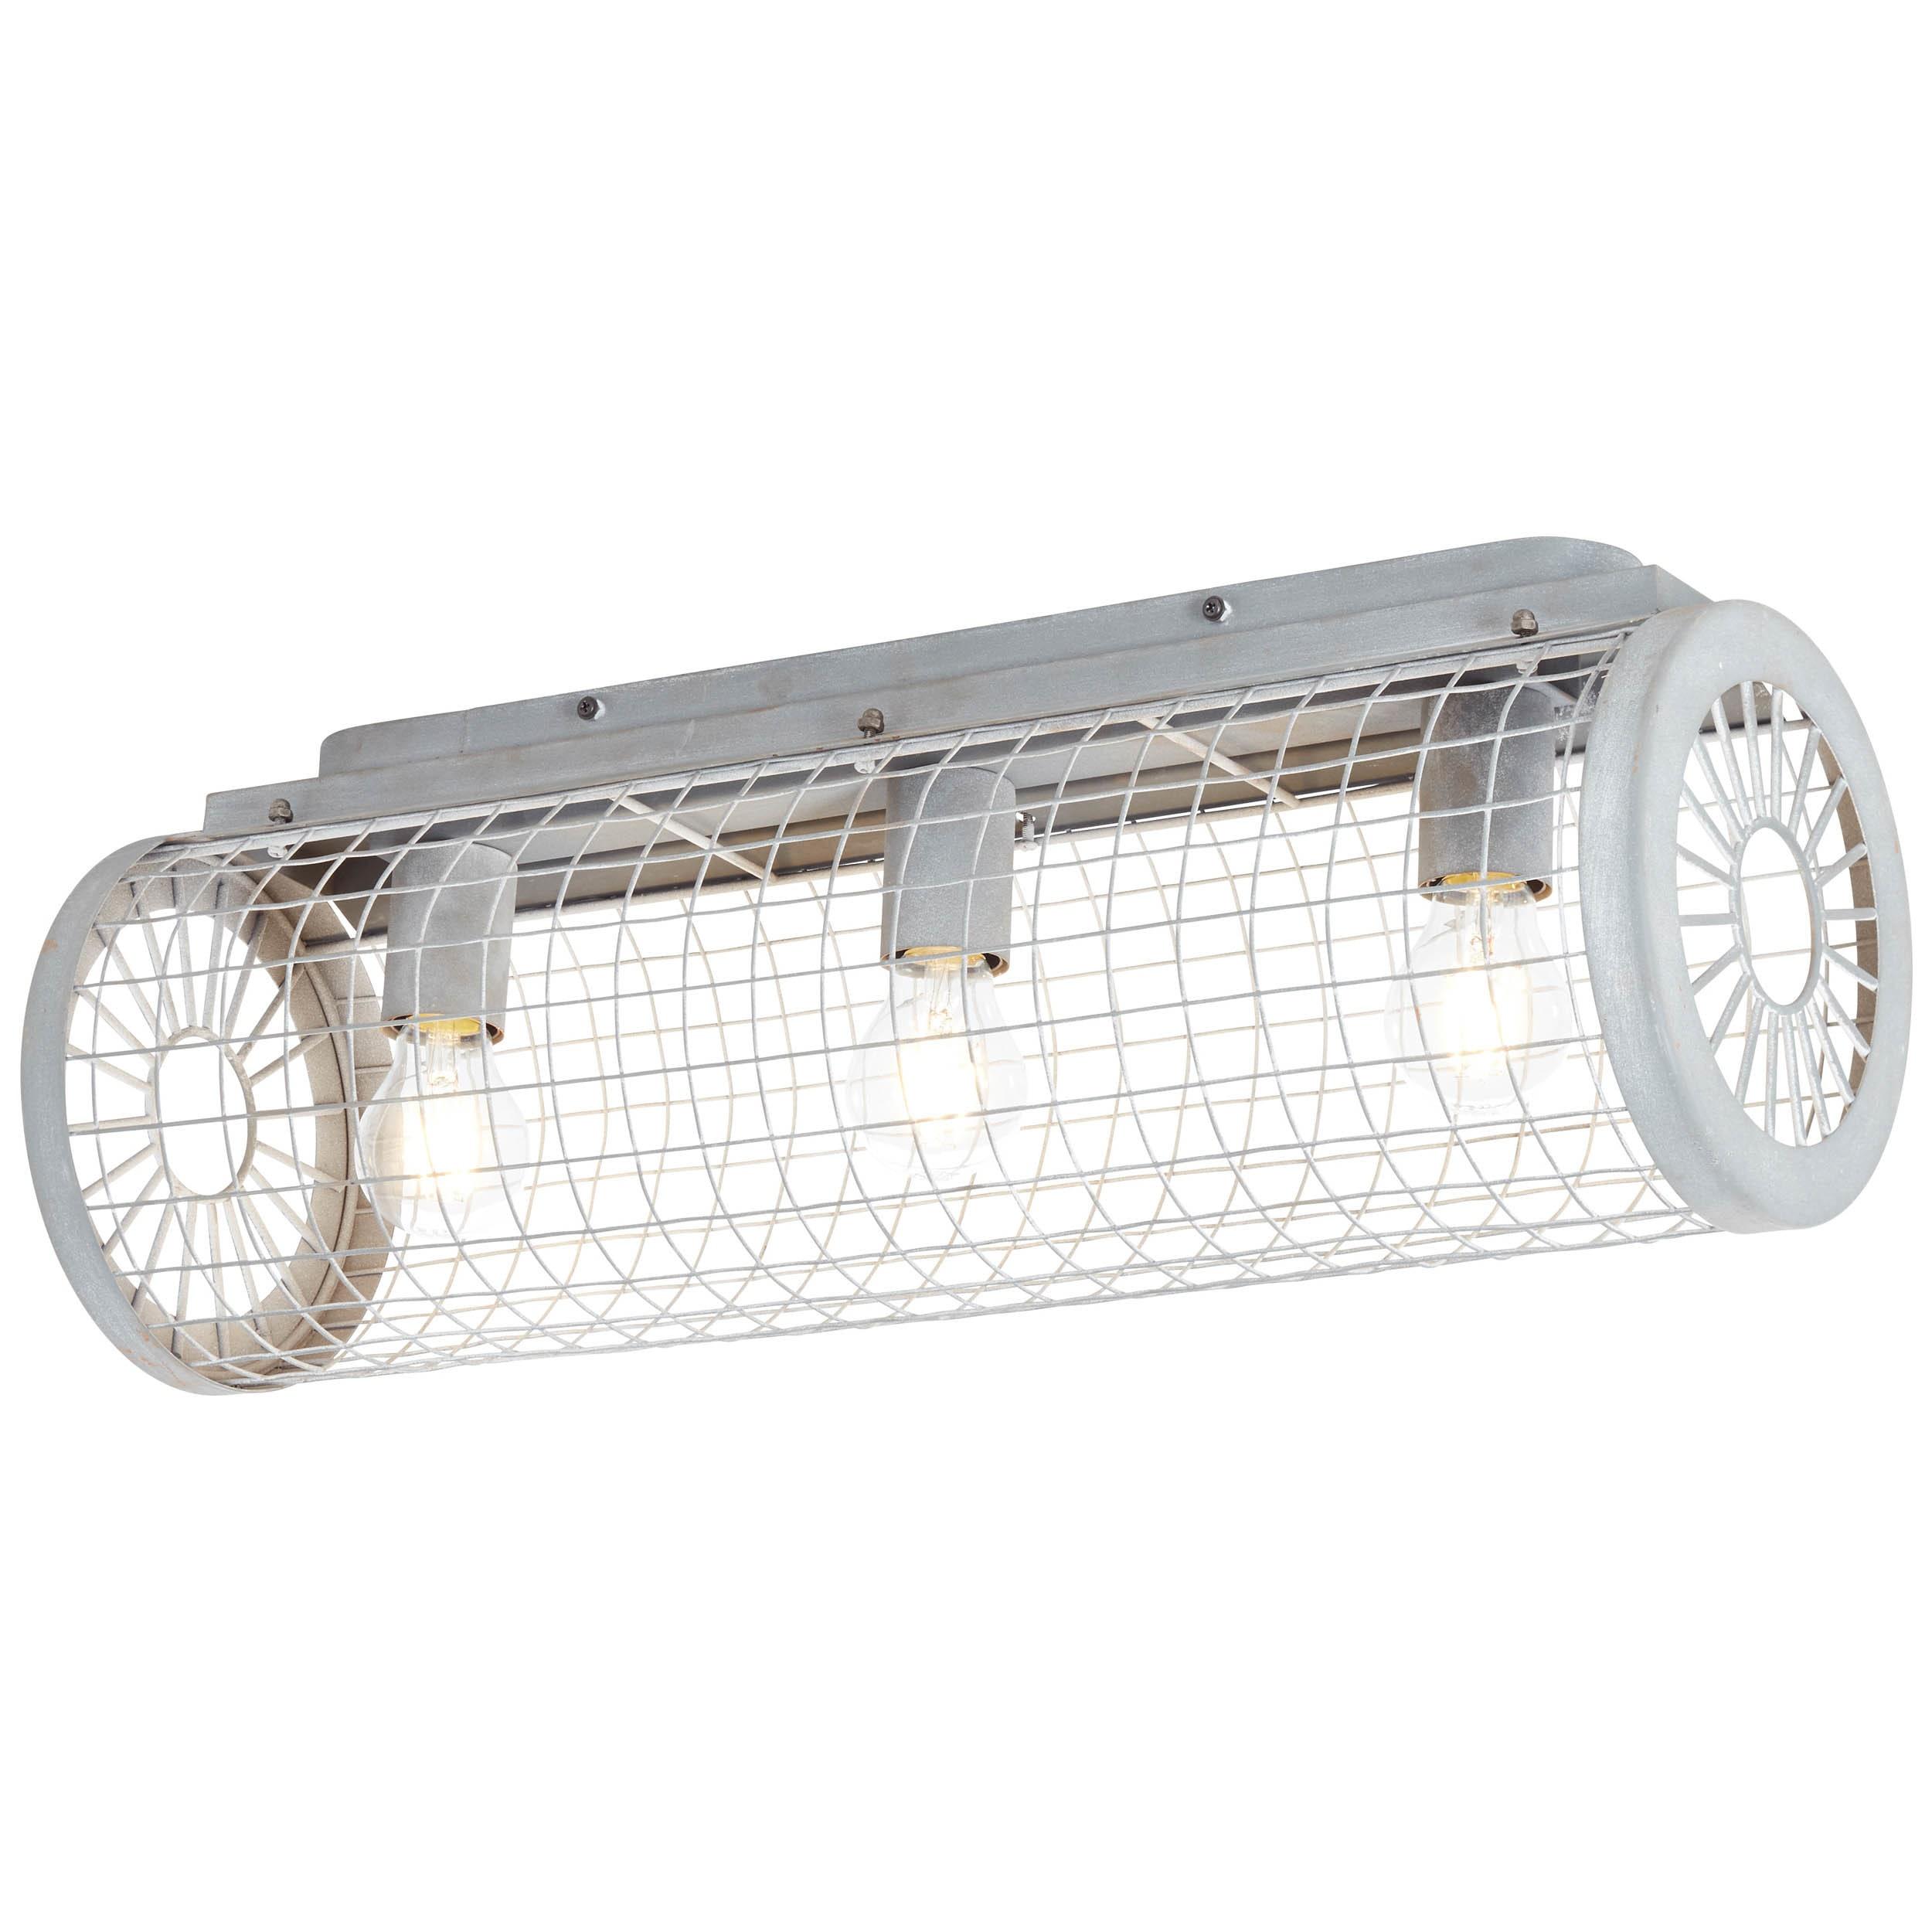 Brilliant Leuchten Net Deckenleuchte 3flg grau Beton | Lampen > Deckenleuchten > Deckenlampen | Grau | Beton - Metall | BRILLIANT LEUCHTEN